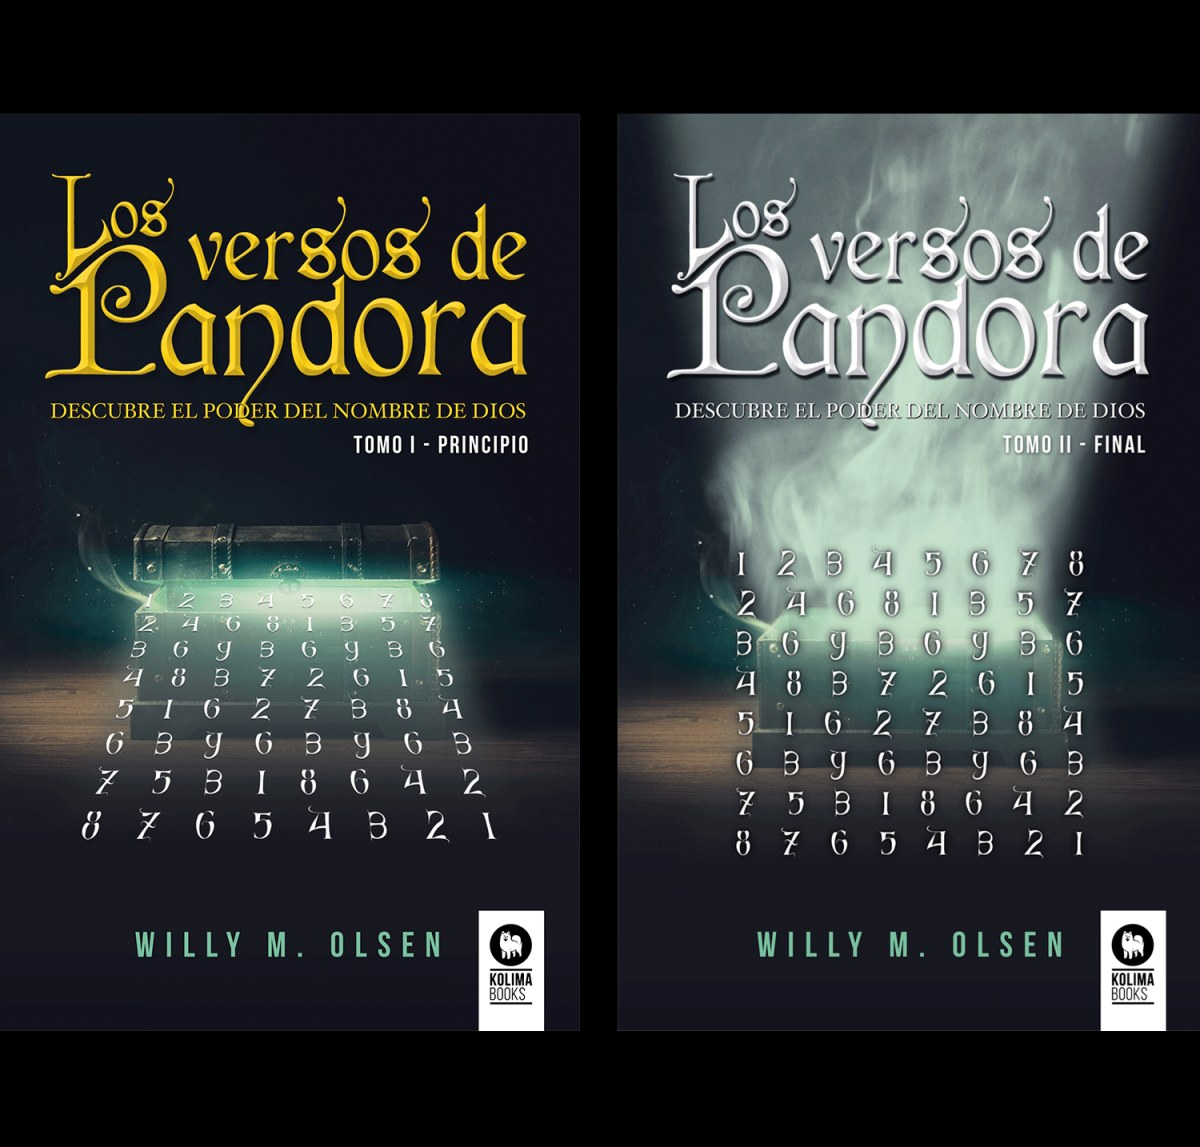 LOS VERSOD DE PANDORA (PACK)